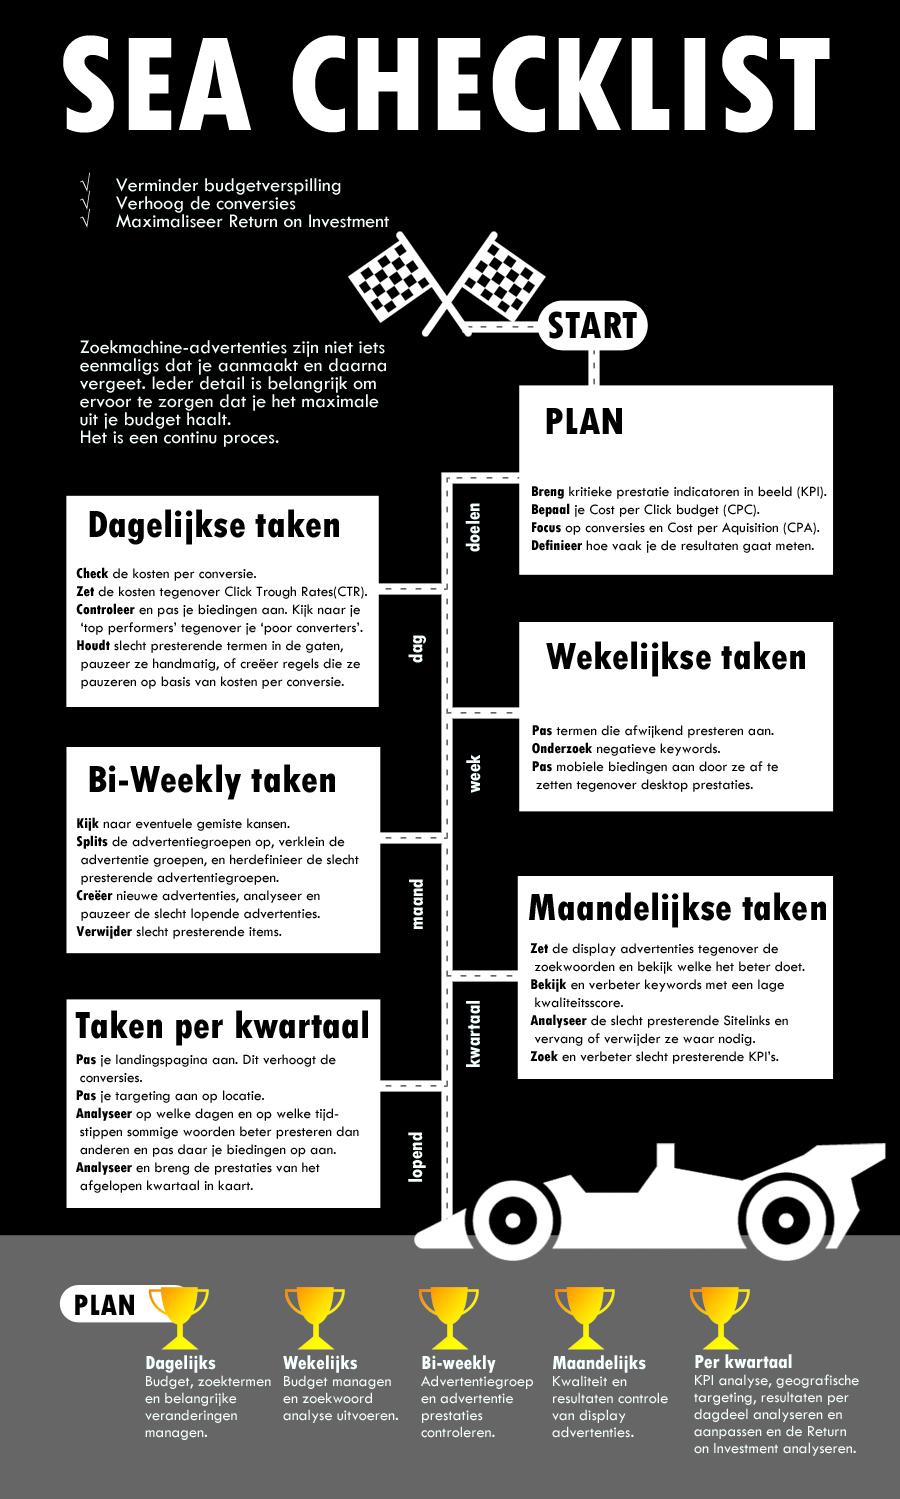 sea-checklist-logoless